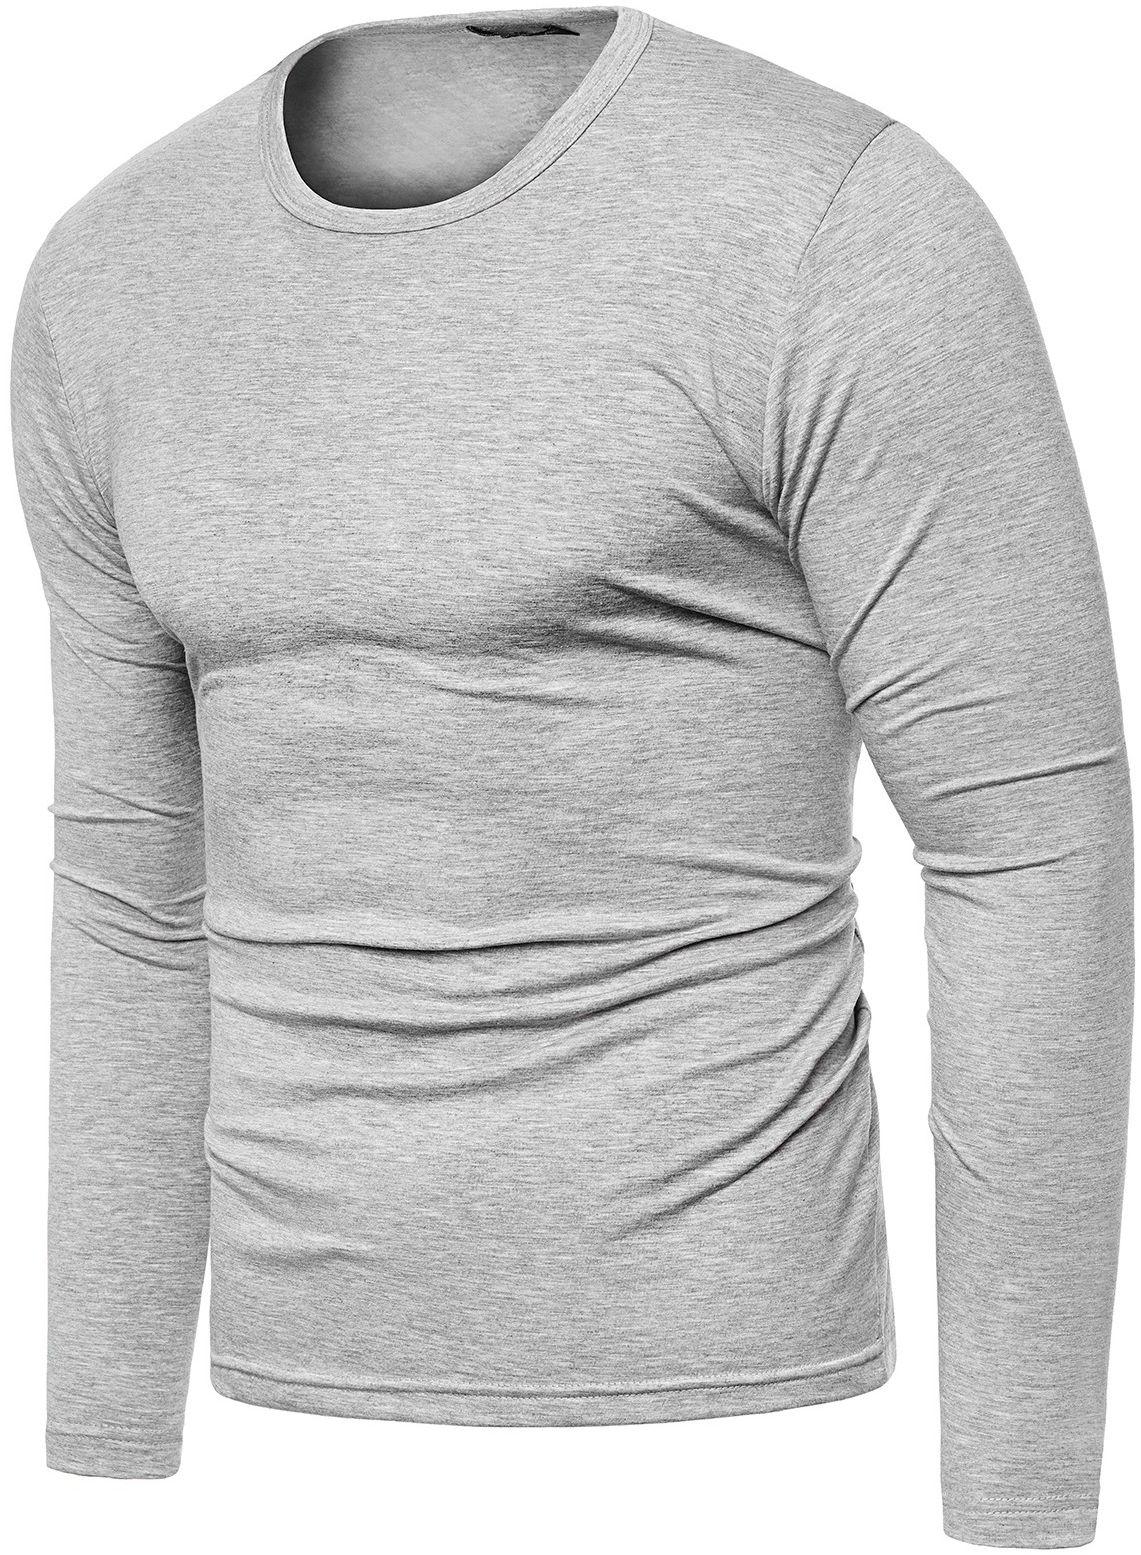 Bluza męska longsleeve N01L - szara